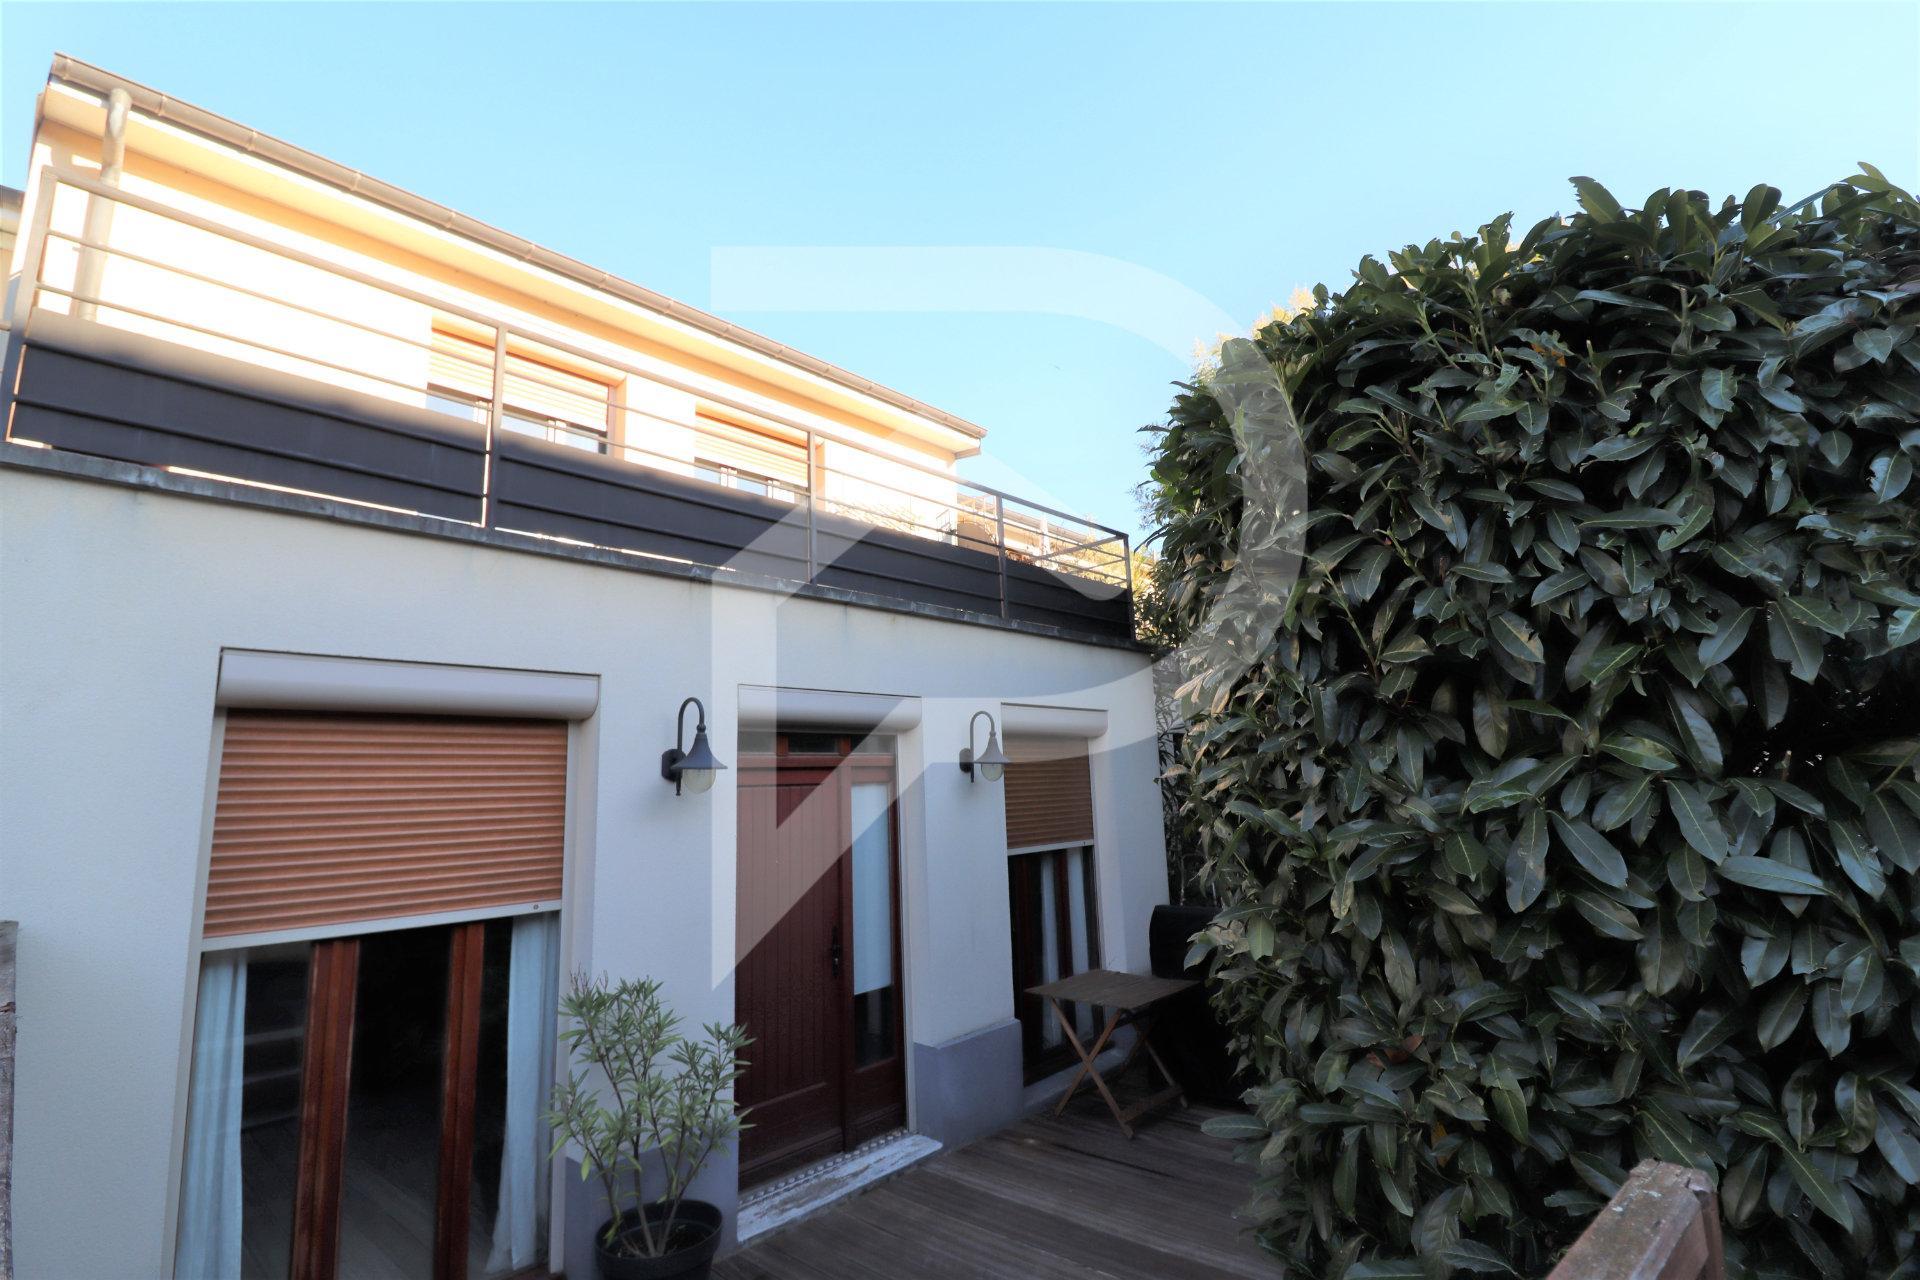 Maison a louer colombes - 4 pièce(s) - 85 m2 - Surfyn